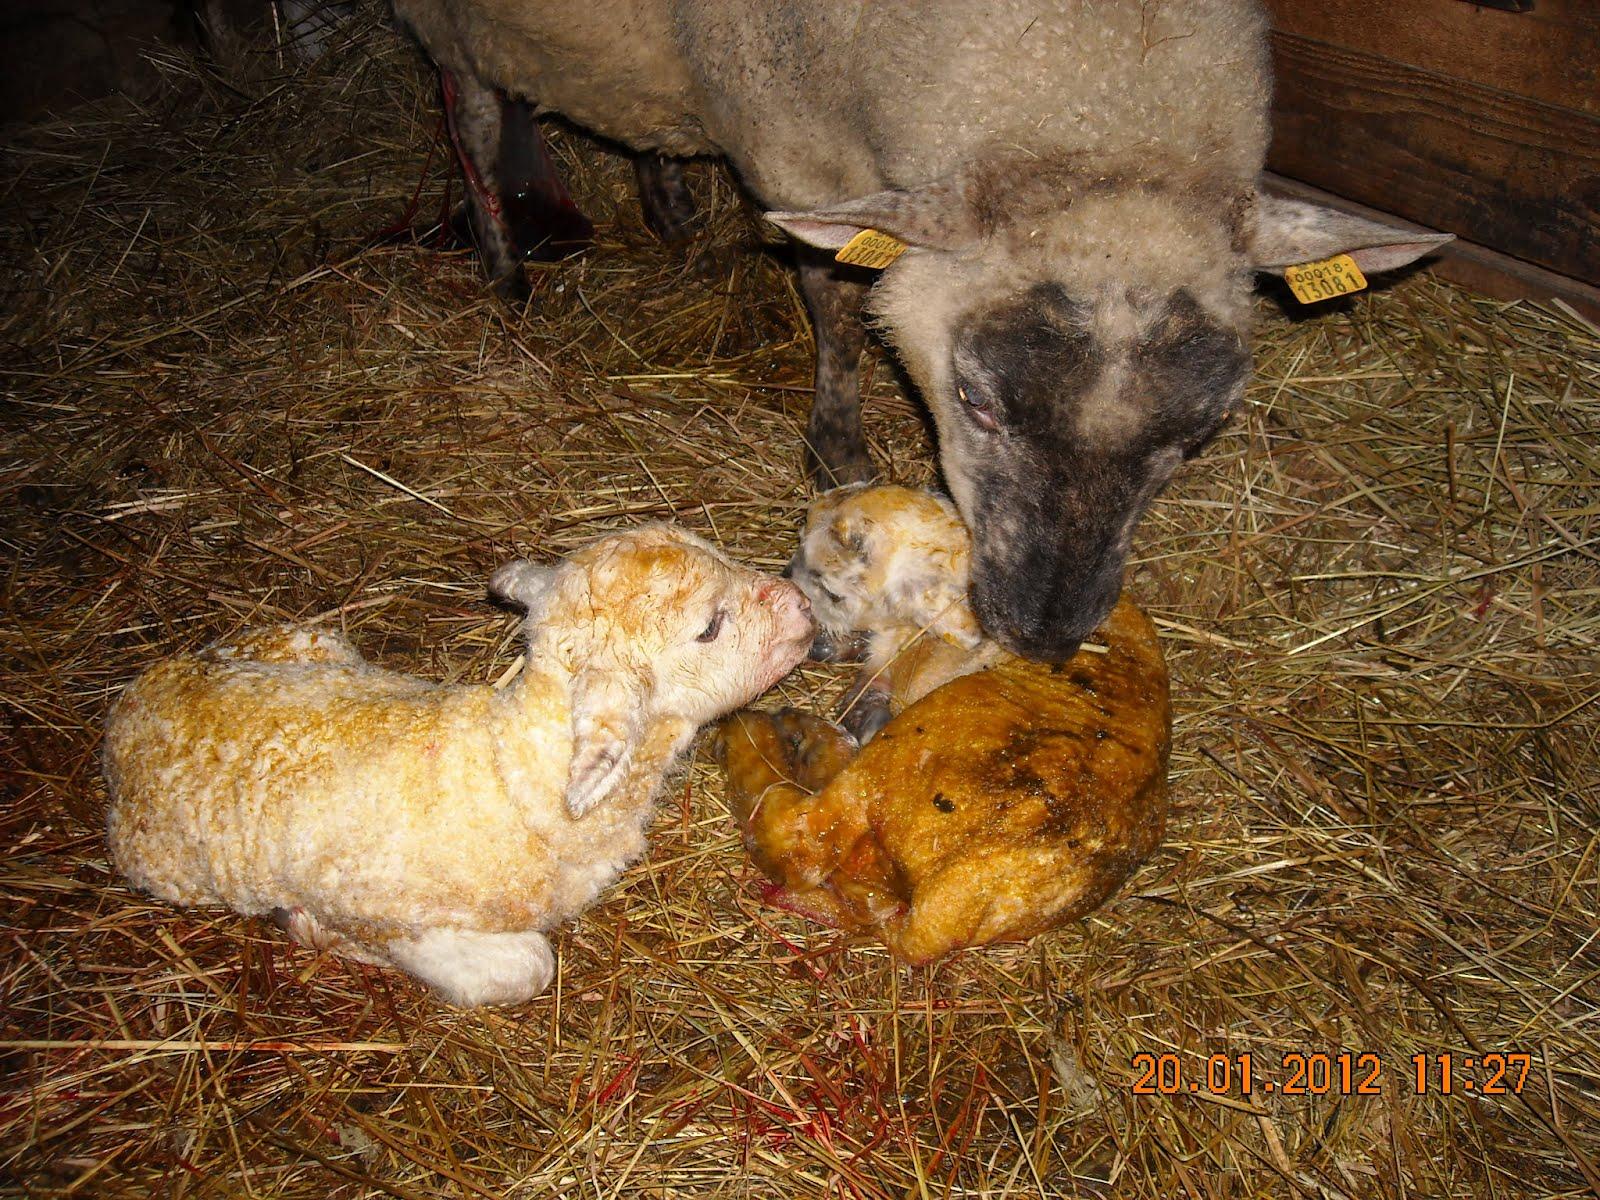 d701528dc43 Peale oma lambaga ühele poole saamist helistas naabrimees lambakasvataja,  kes vajas oma laudas sünnitusabi...abi antud, sai aga oma lauta tagasi  tuldud, ...